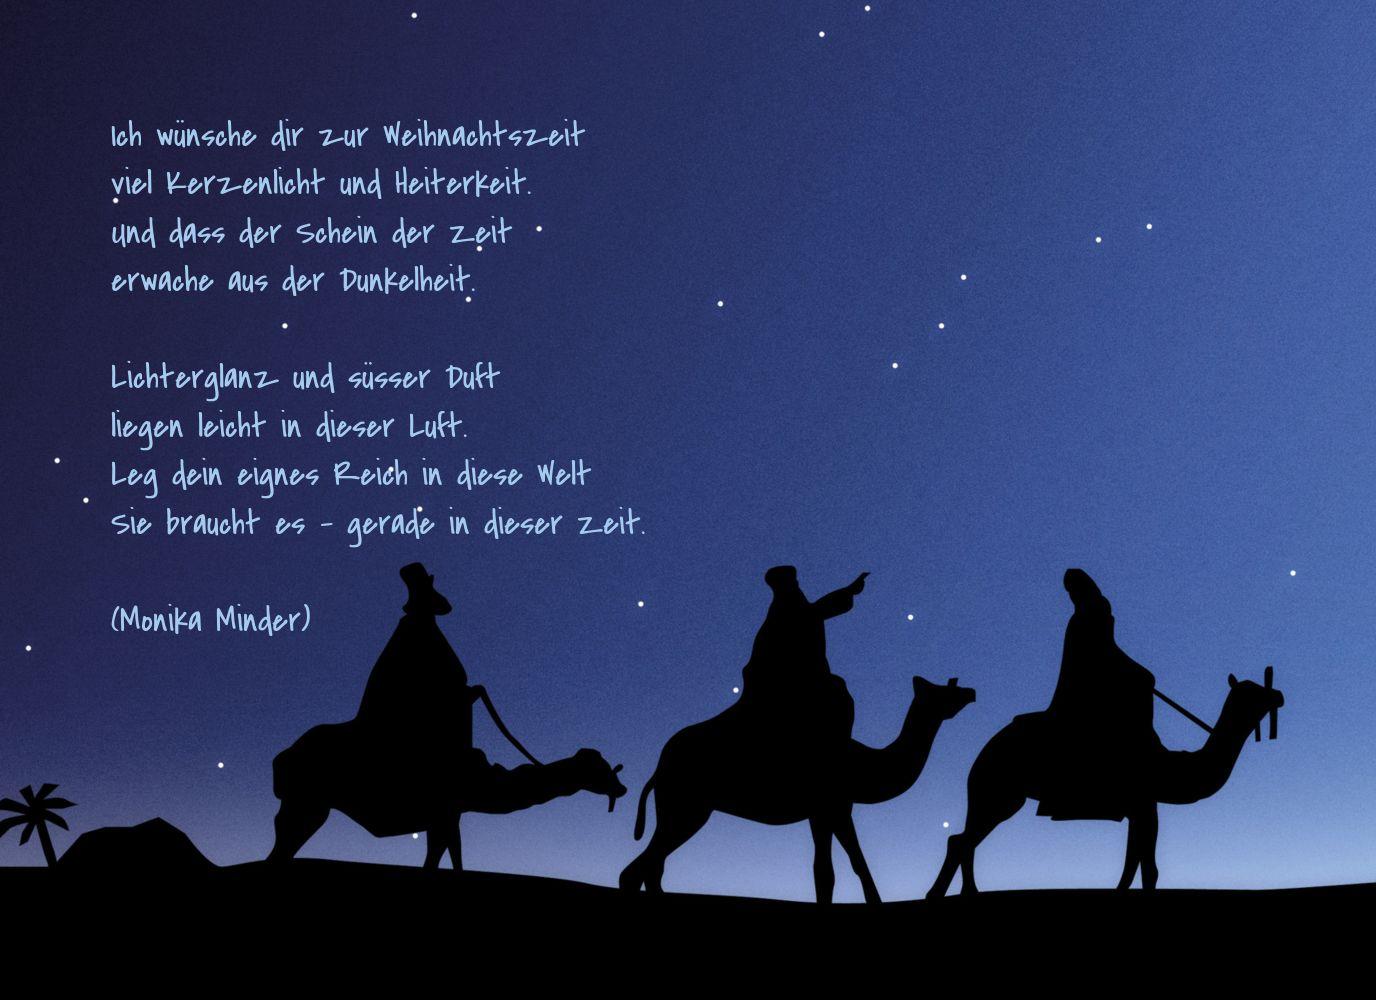 Ansicht 4 - Einladung drei heilige Könige